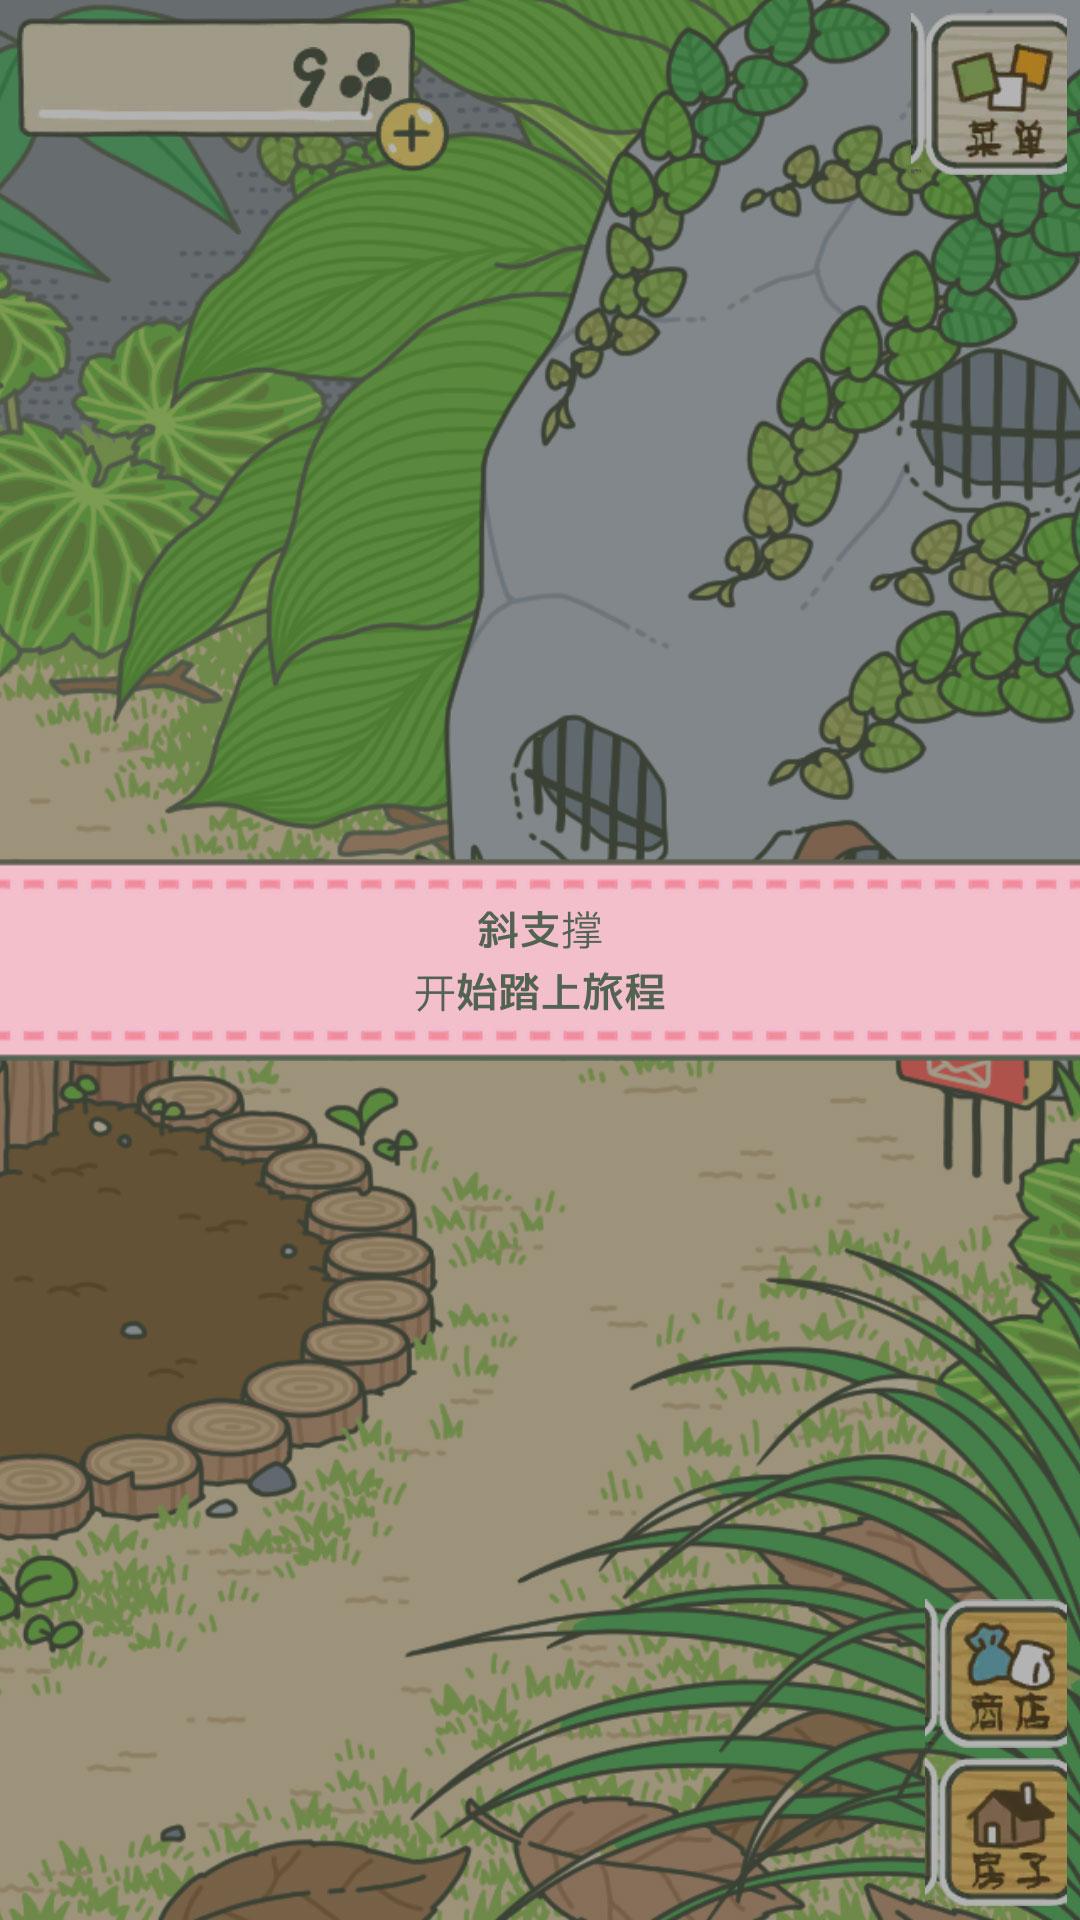 旅行青蛙中文版 V1.0.01 安卓版截图5